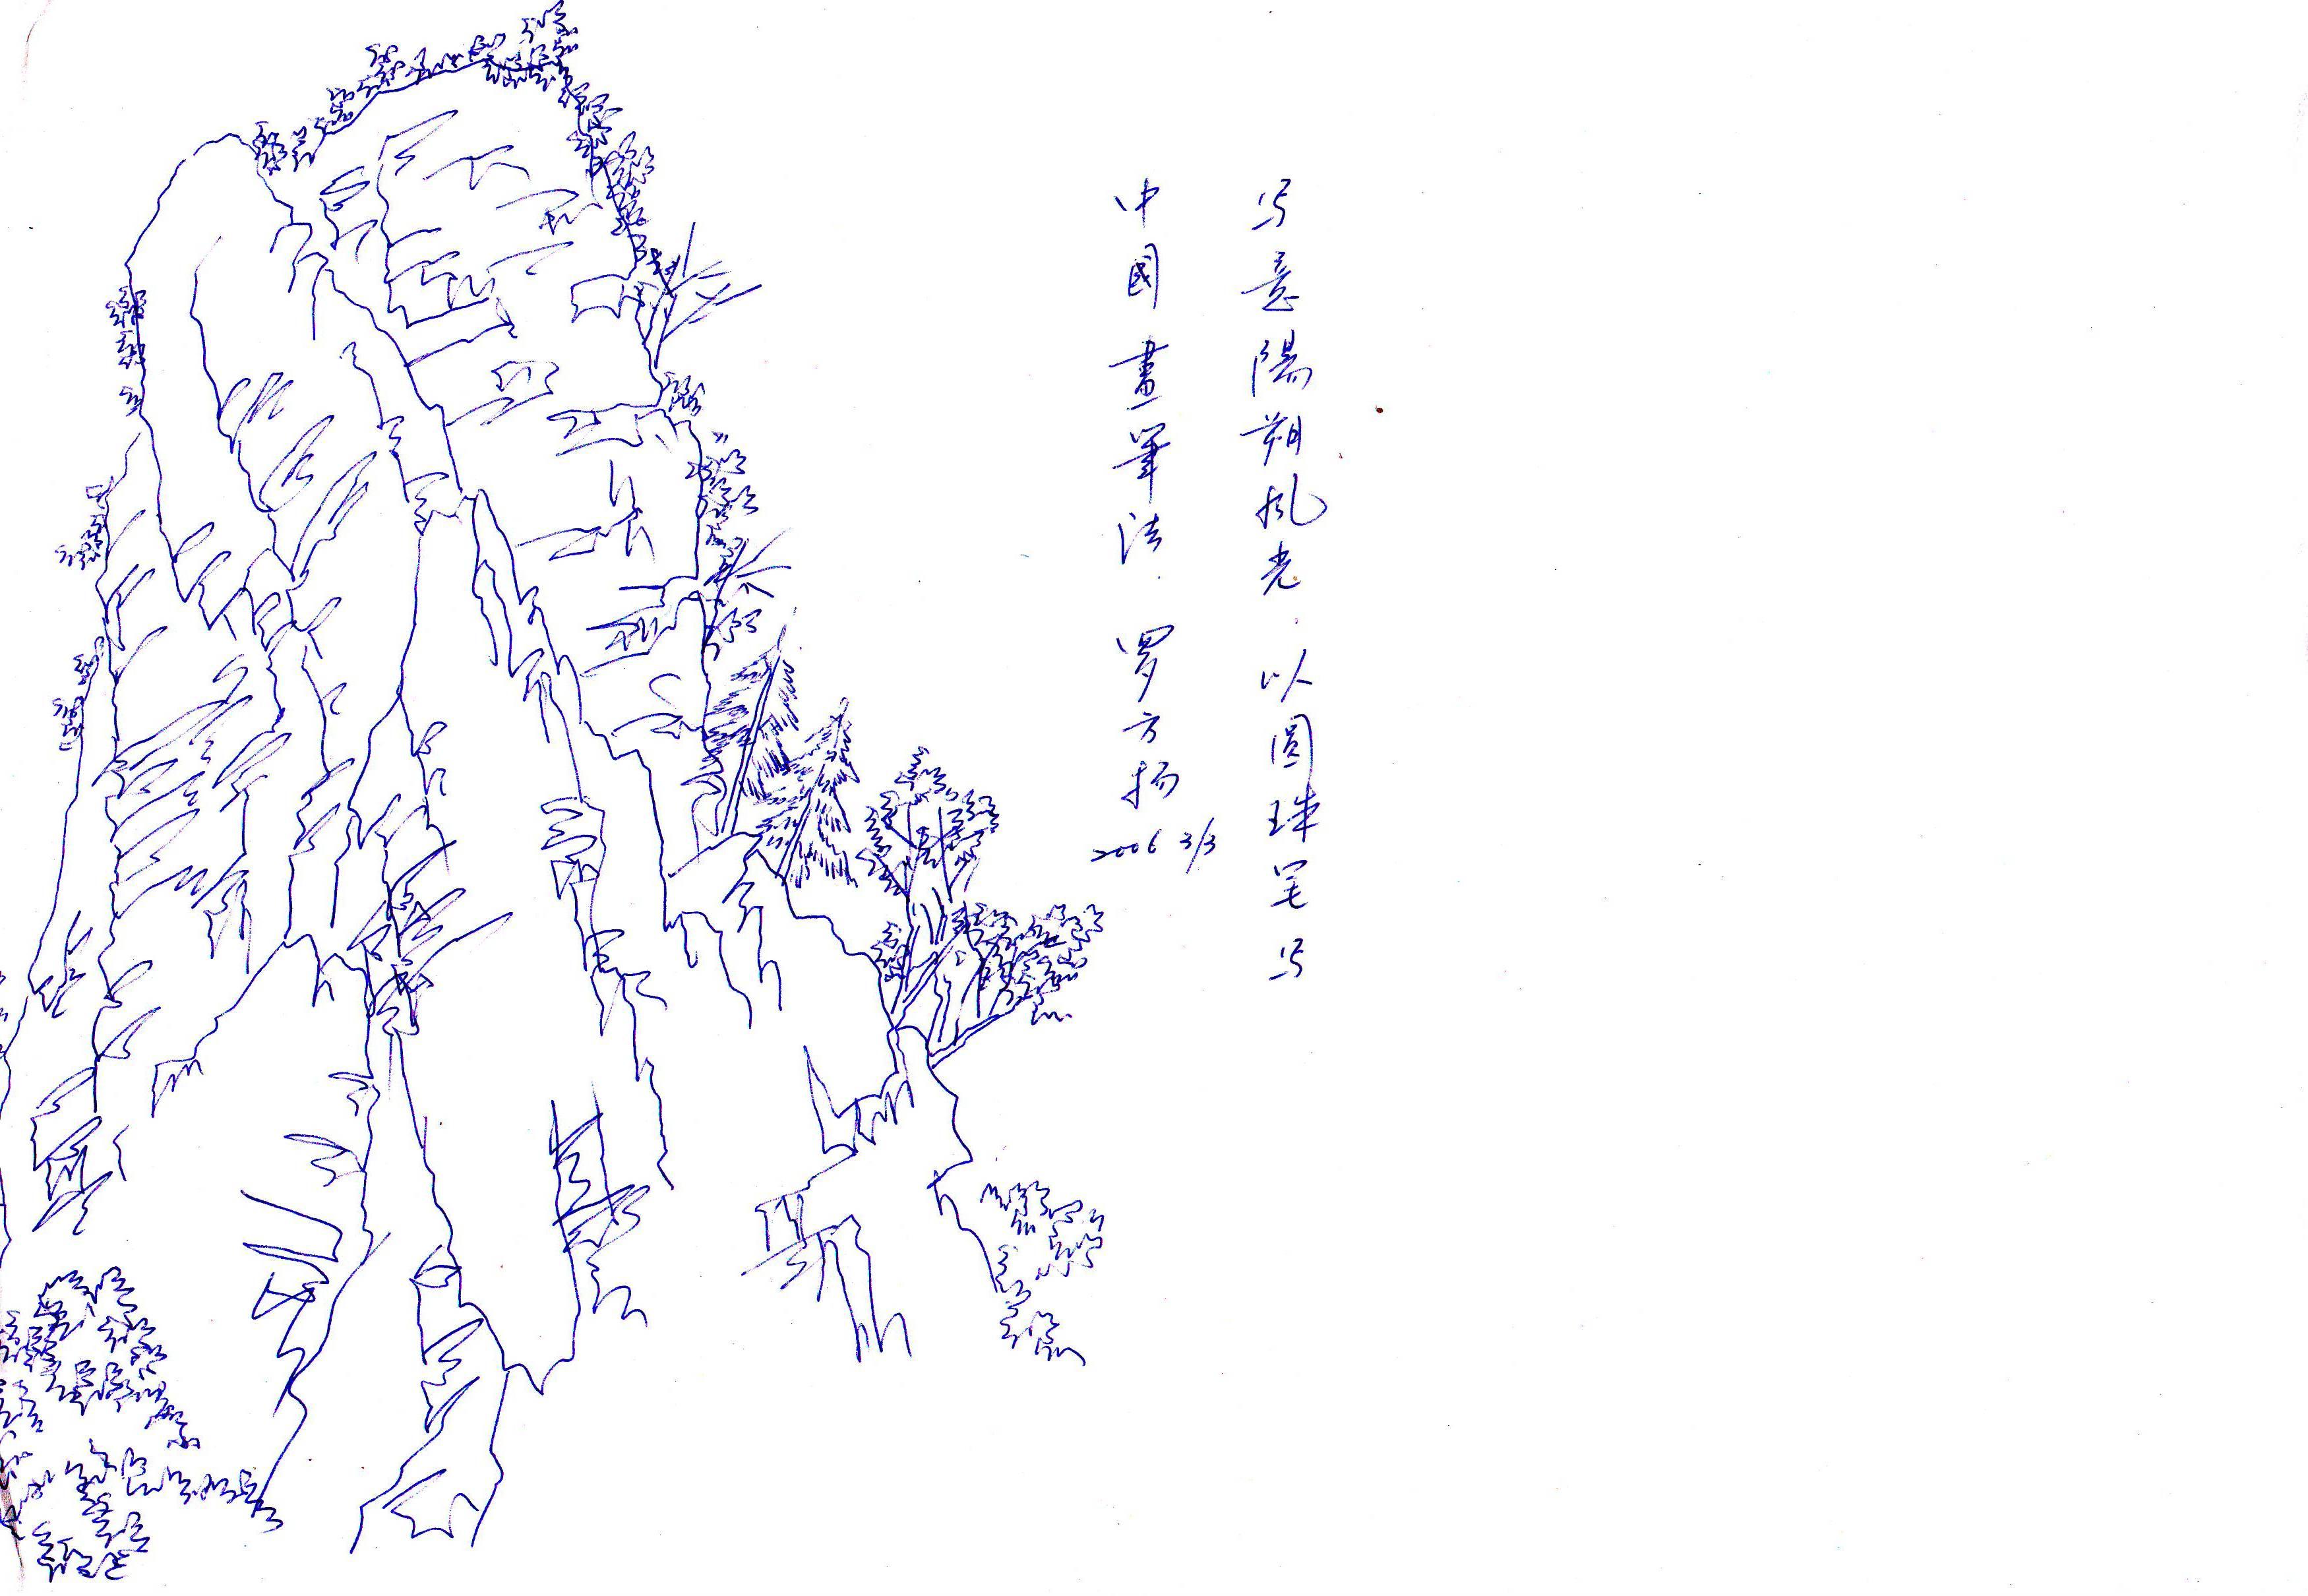 简笔画 设计 矢量 矢量图 手绘 素材 线稿 535_729 竖